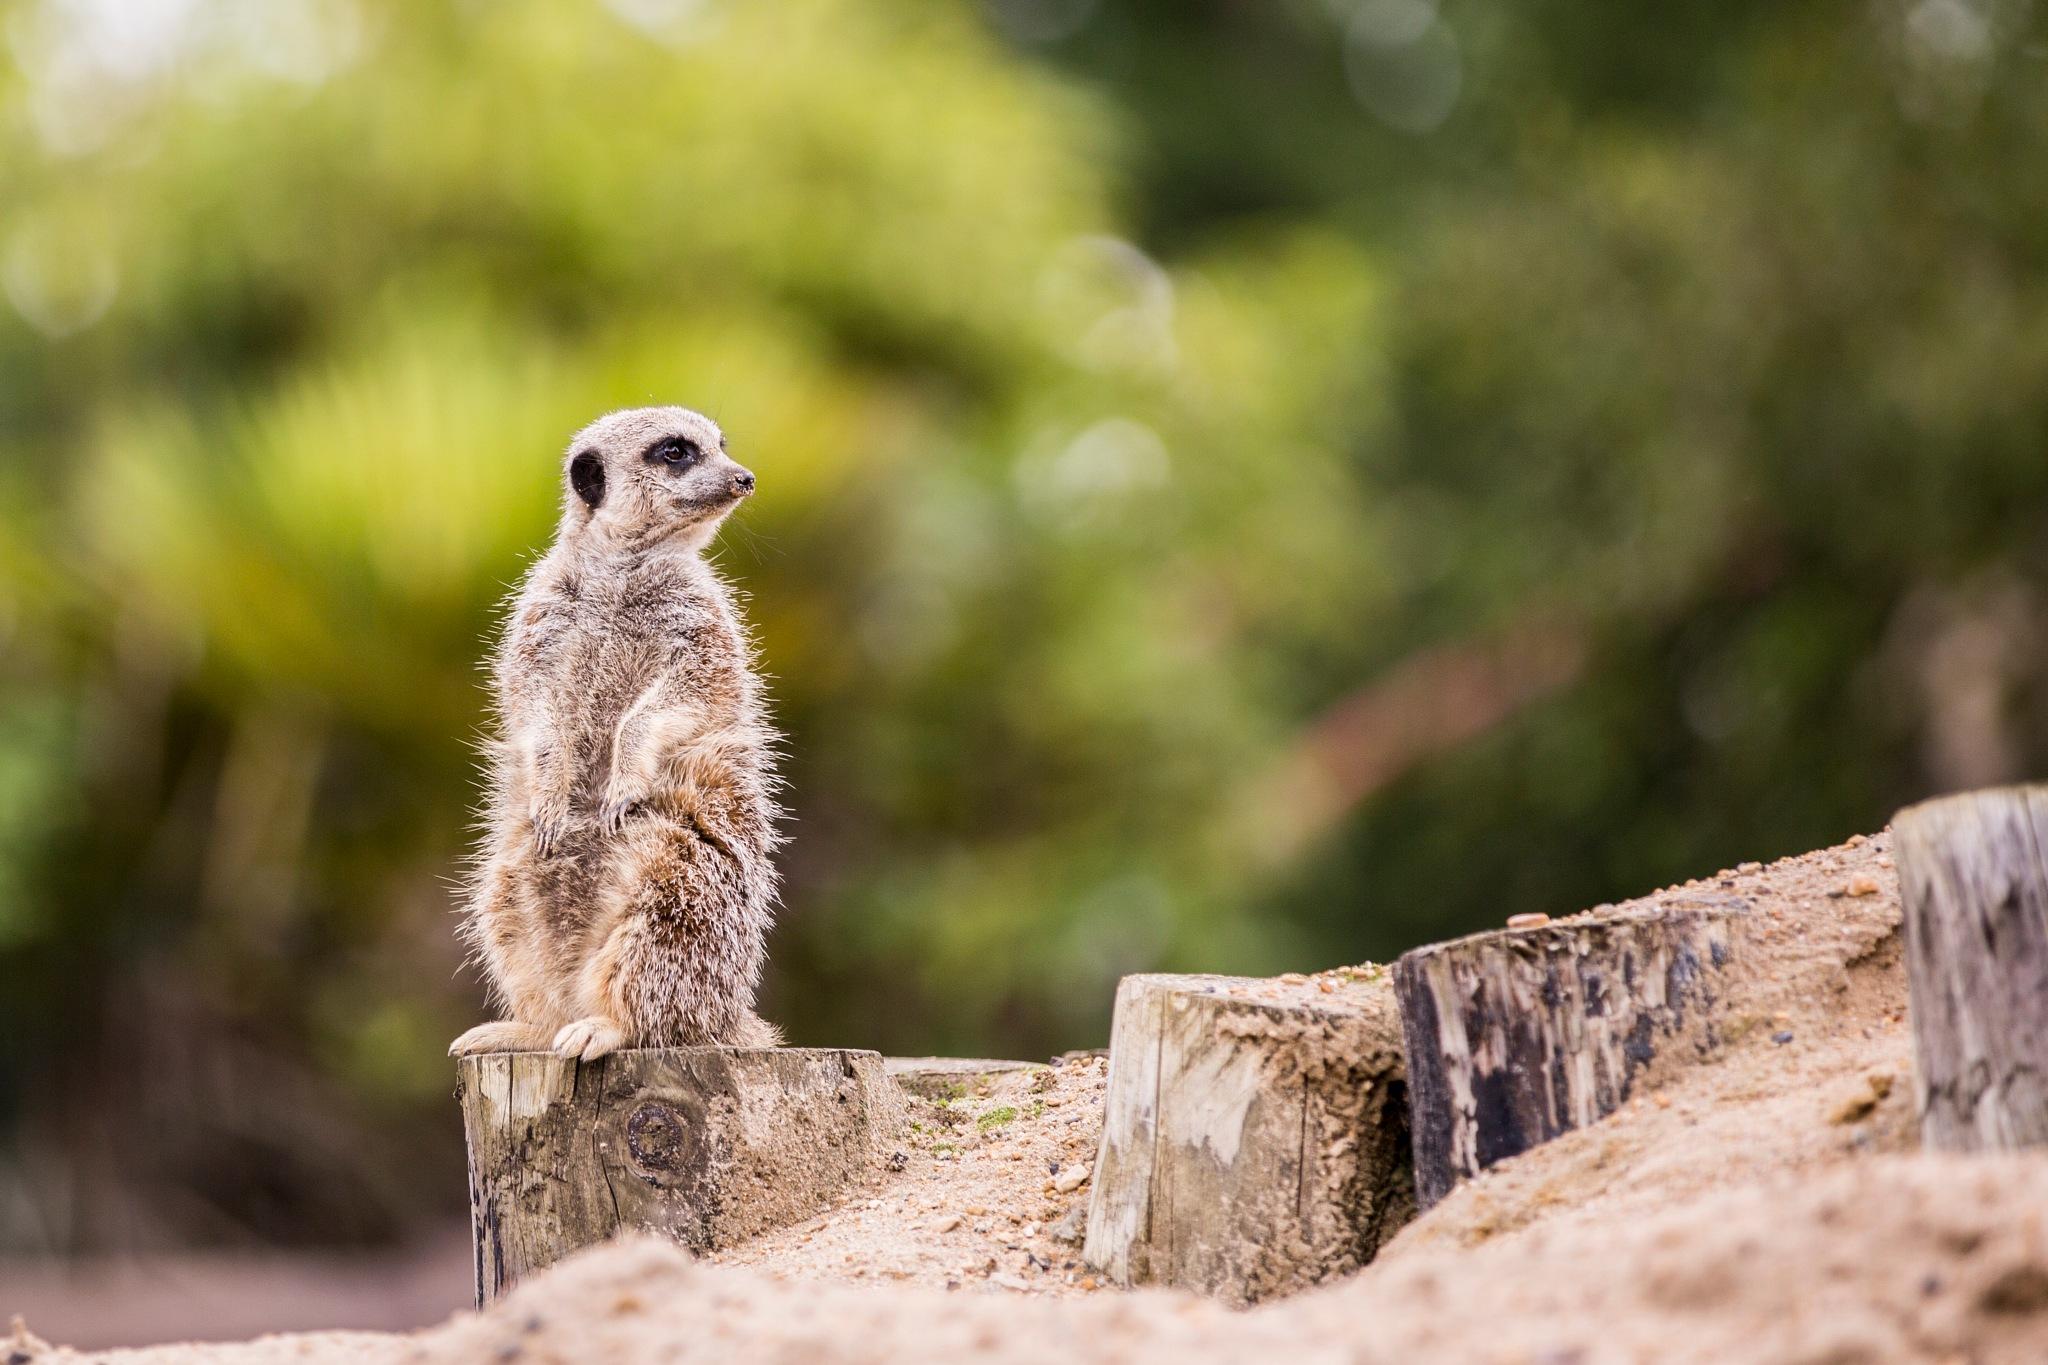 Meerkat on Watch by Gareth Sawbridge